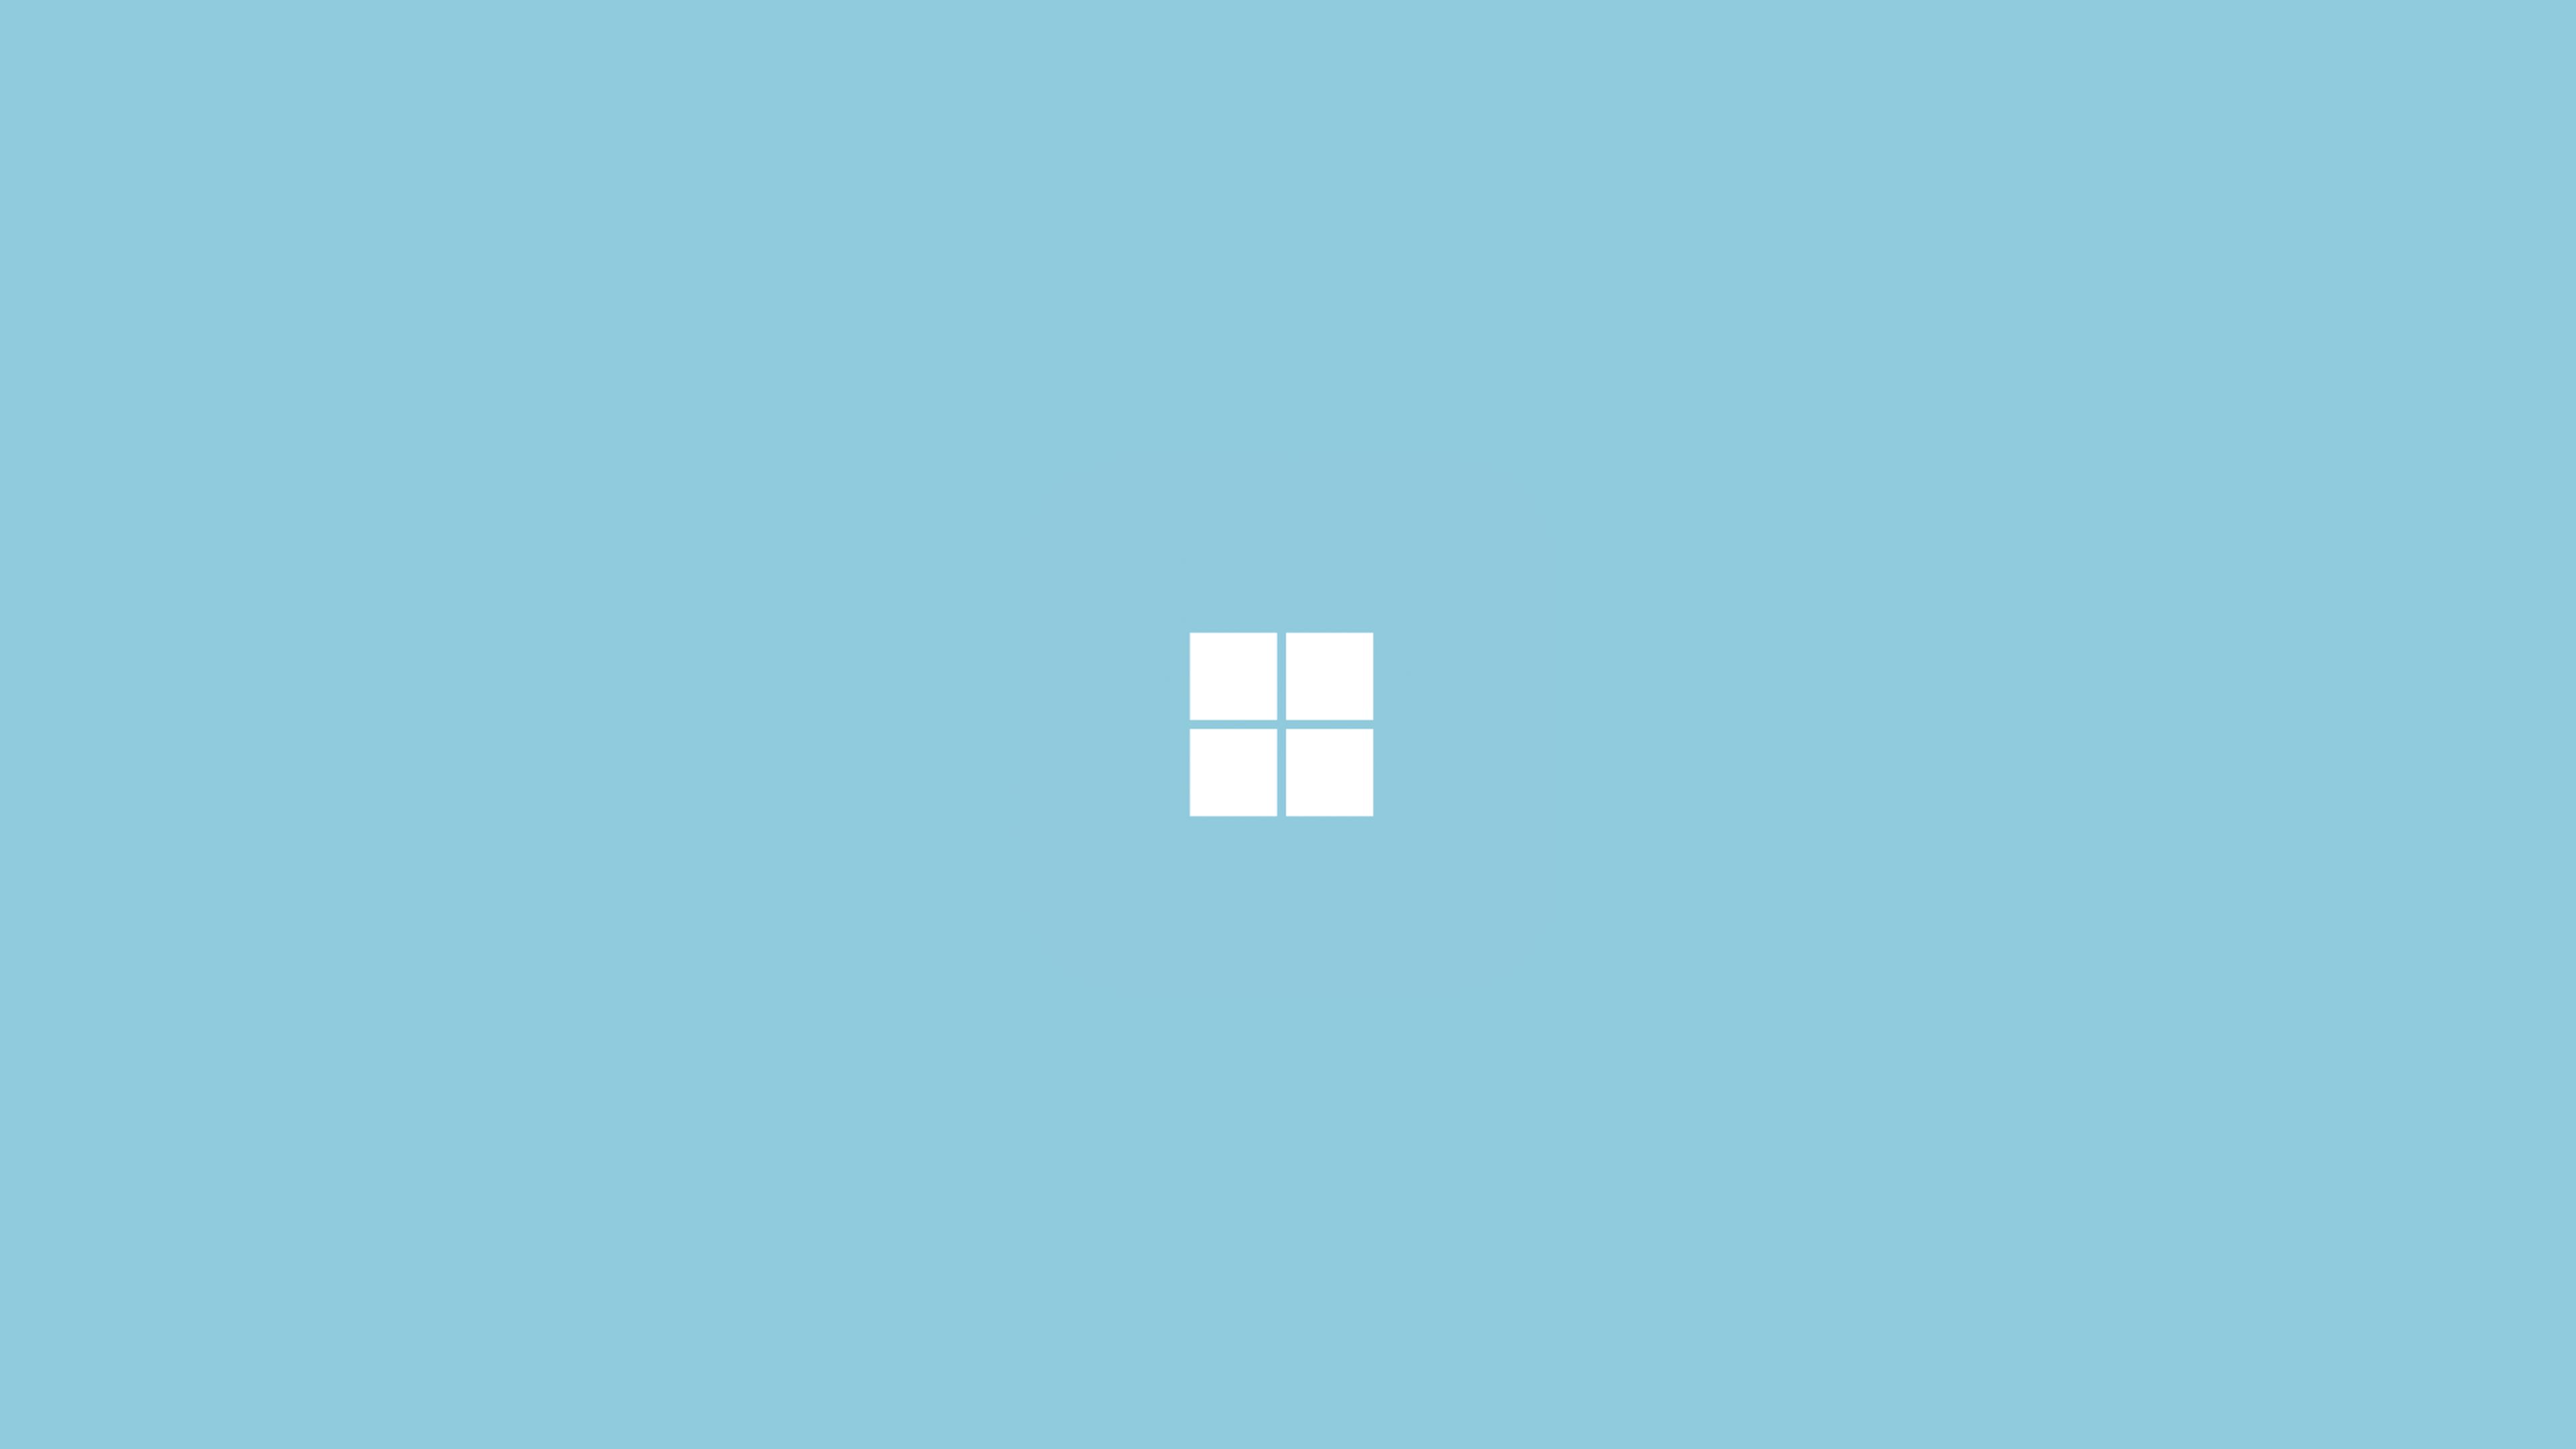 3840x2160 Công nghệ Windows 10 Hình nền tối thiểu Máy tính để bàn, Điện thoại, Máy tính bảng